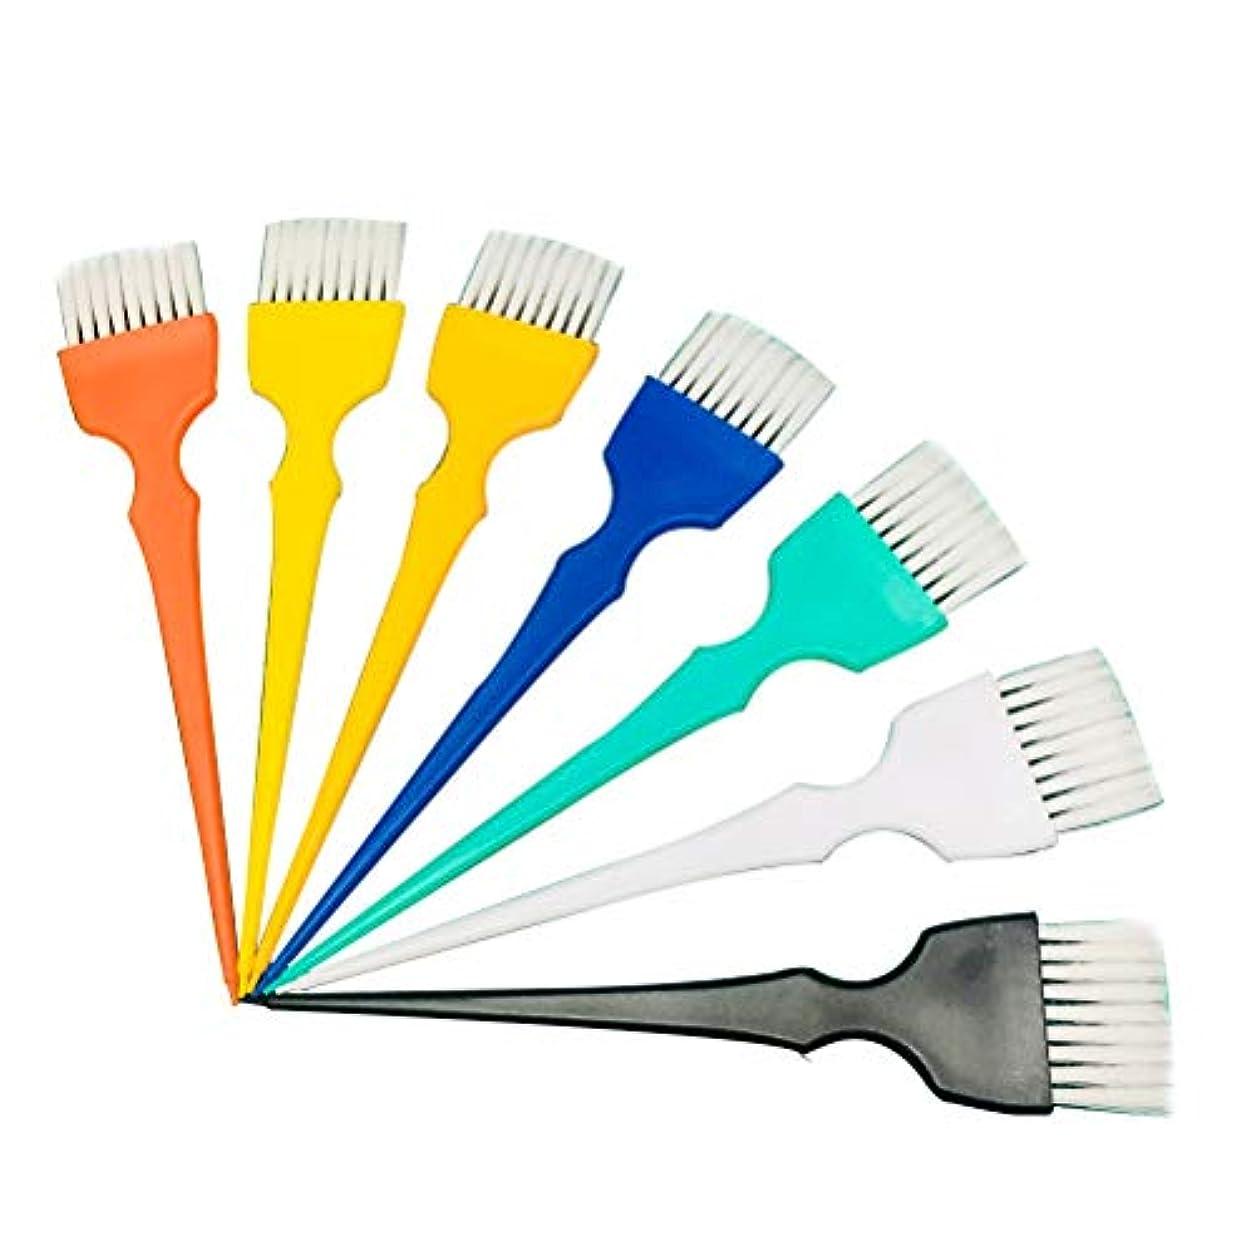 息切れつかまえる繊細Frcolor ヘアダイブラシ ヘアカラーブラシ ヘアダイコーム 白髪染め 家庭用 美容師プロ用 プラスチック製 7本セット(ランダムカラー)